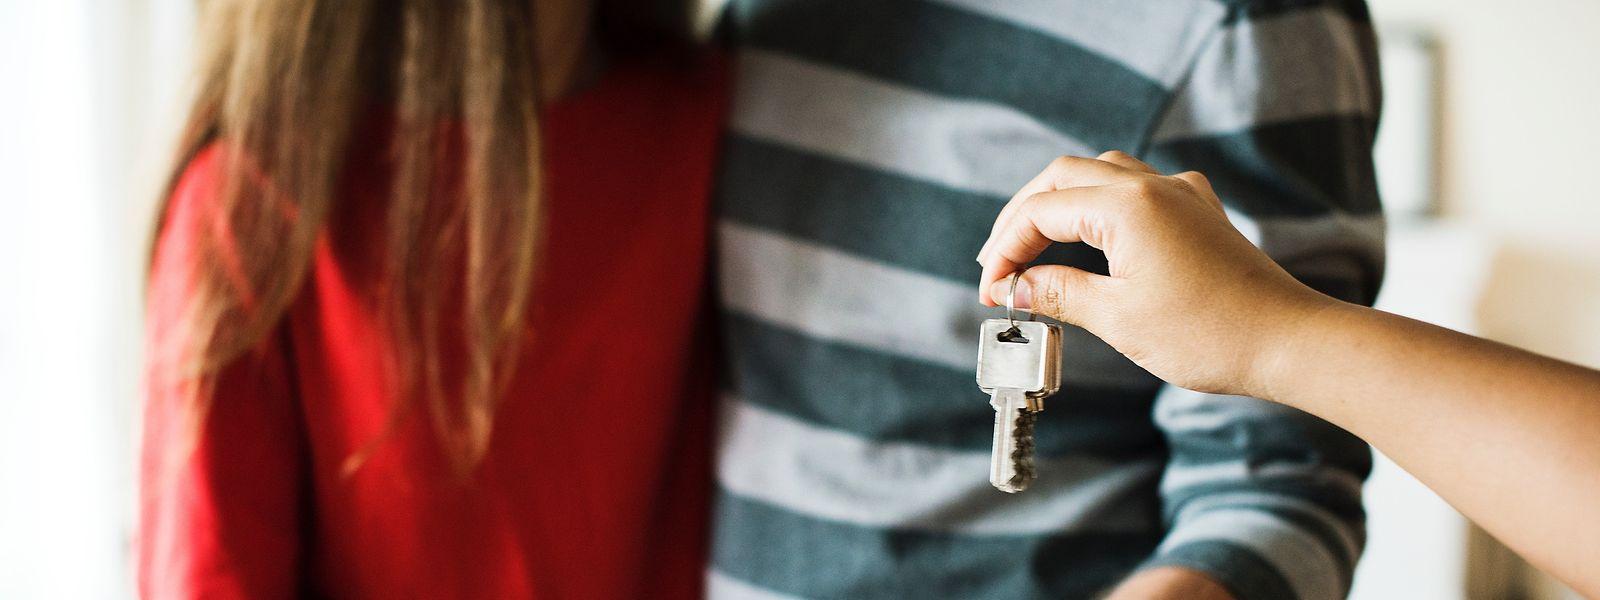 Kaufen, leasen oder doch auf Raten kaufen? Heutzutage hat man viele Optionen.